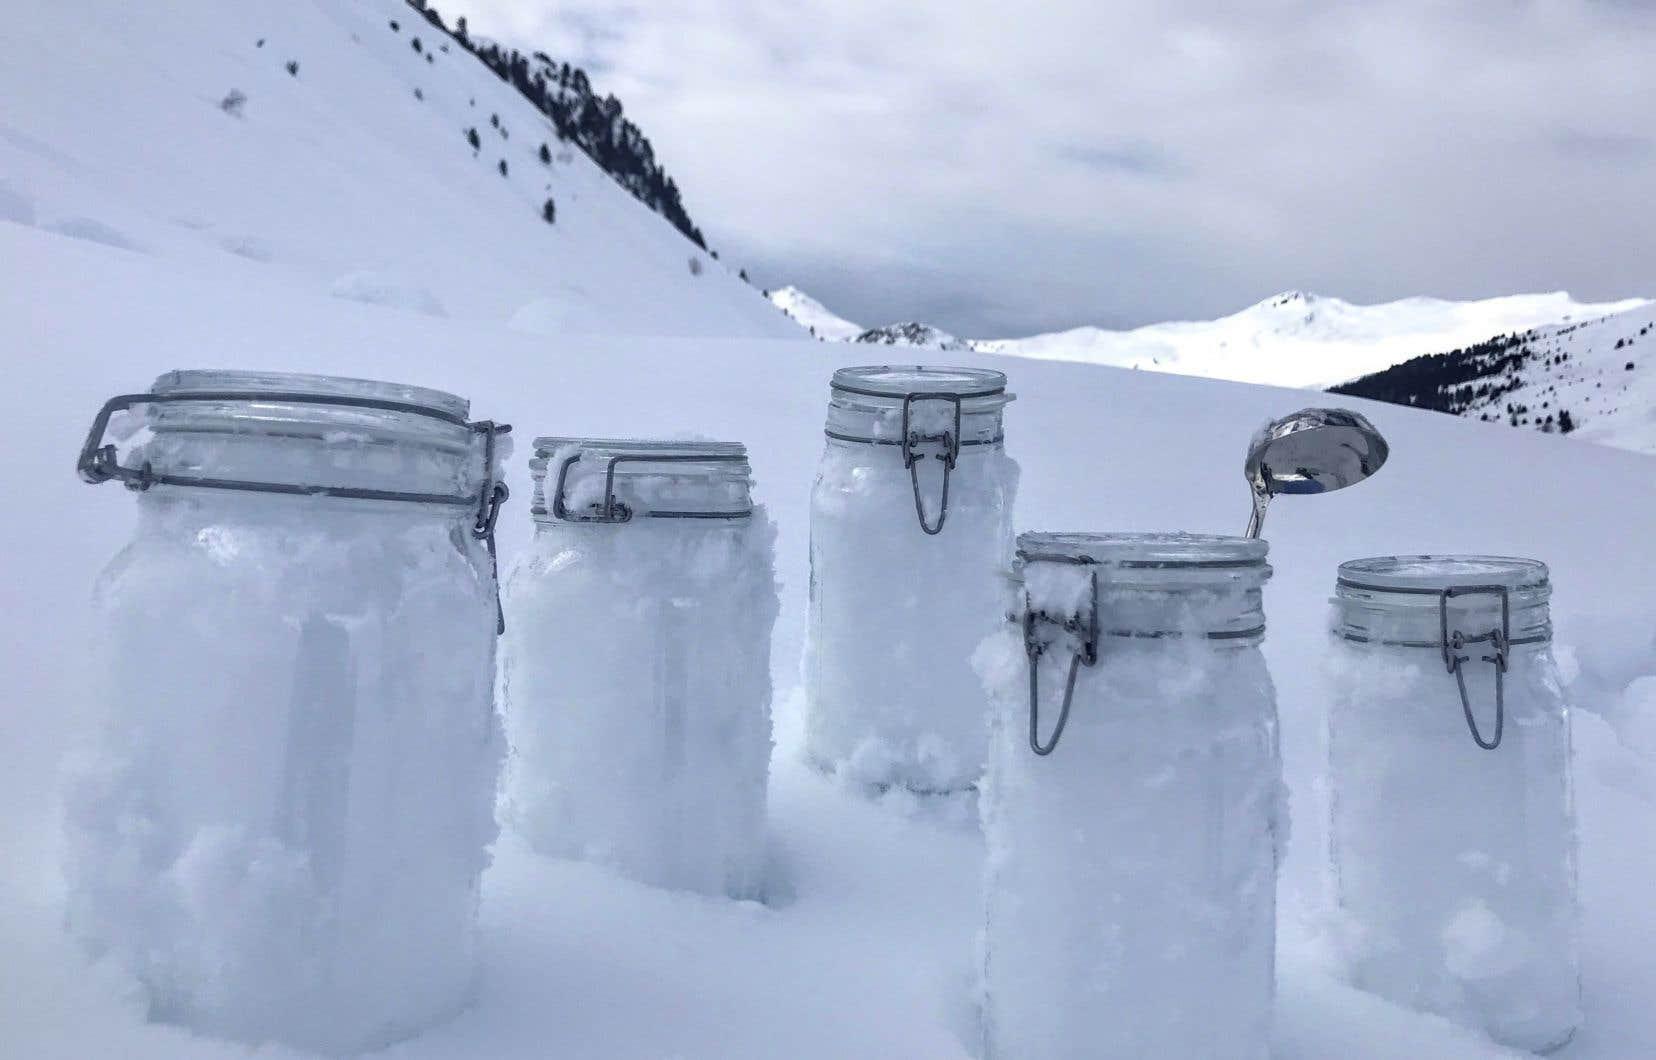 Les chercheurs ont examiné des échantillons de neige prélevés dans certaines des régions les plus reculées de la planète, dont les Alpes suisses.